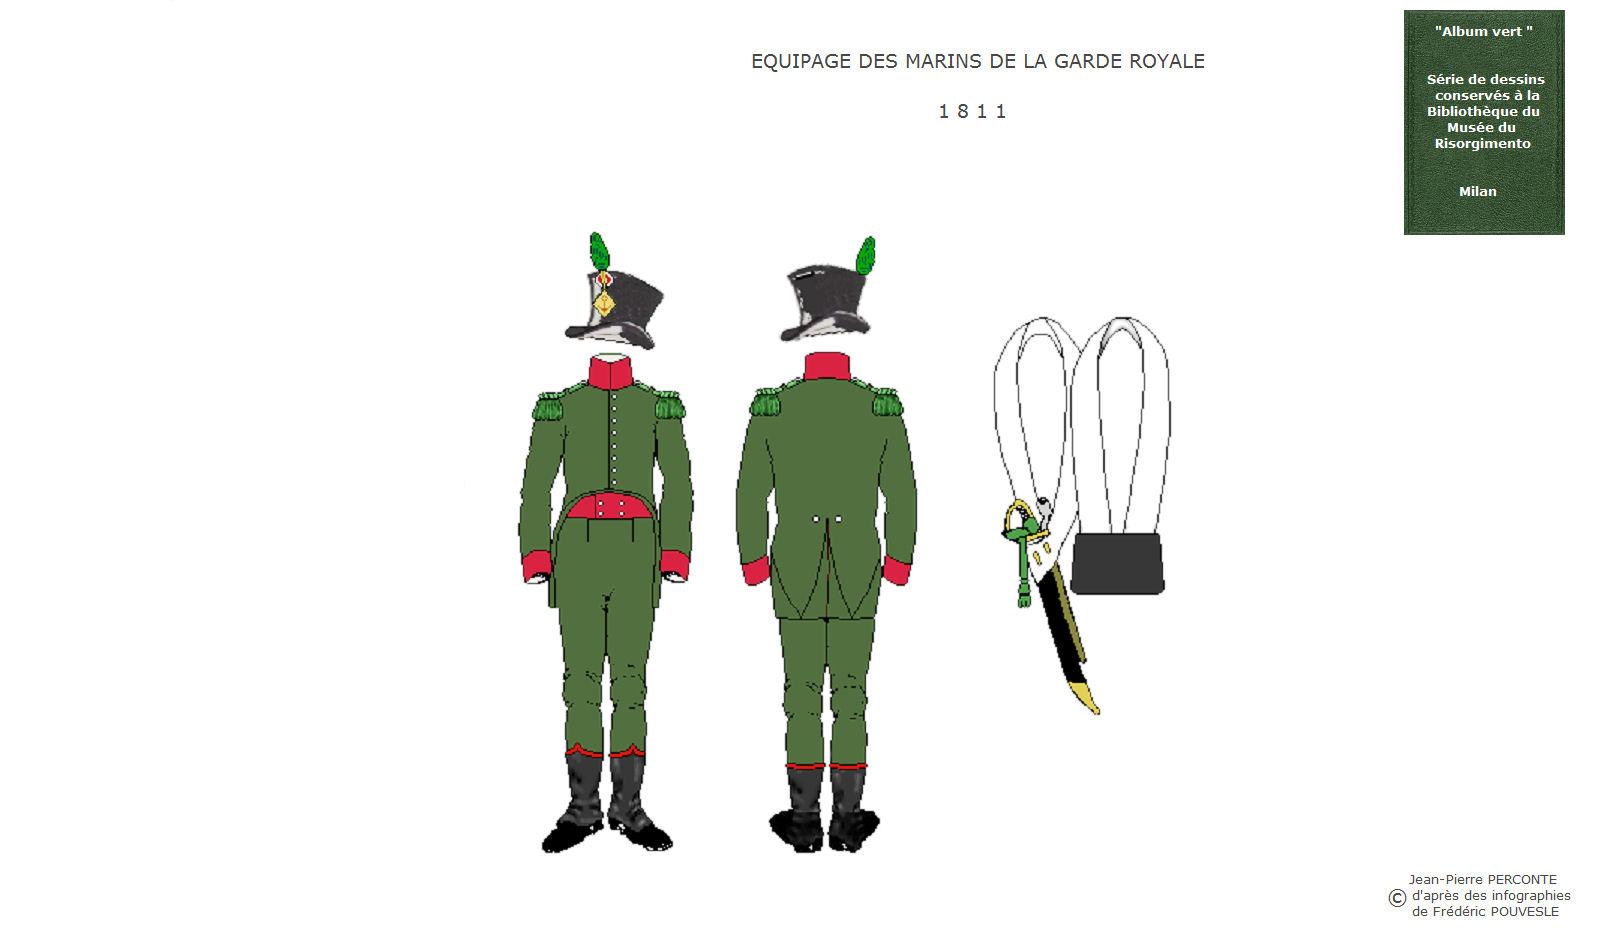 Lalbum Vert Du Musée Du Risorgimento De Milan Wordpress